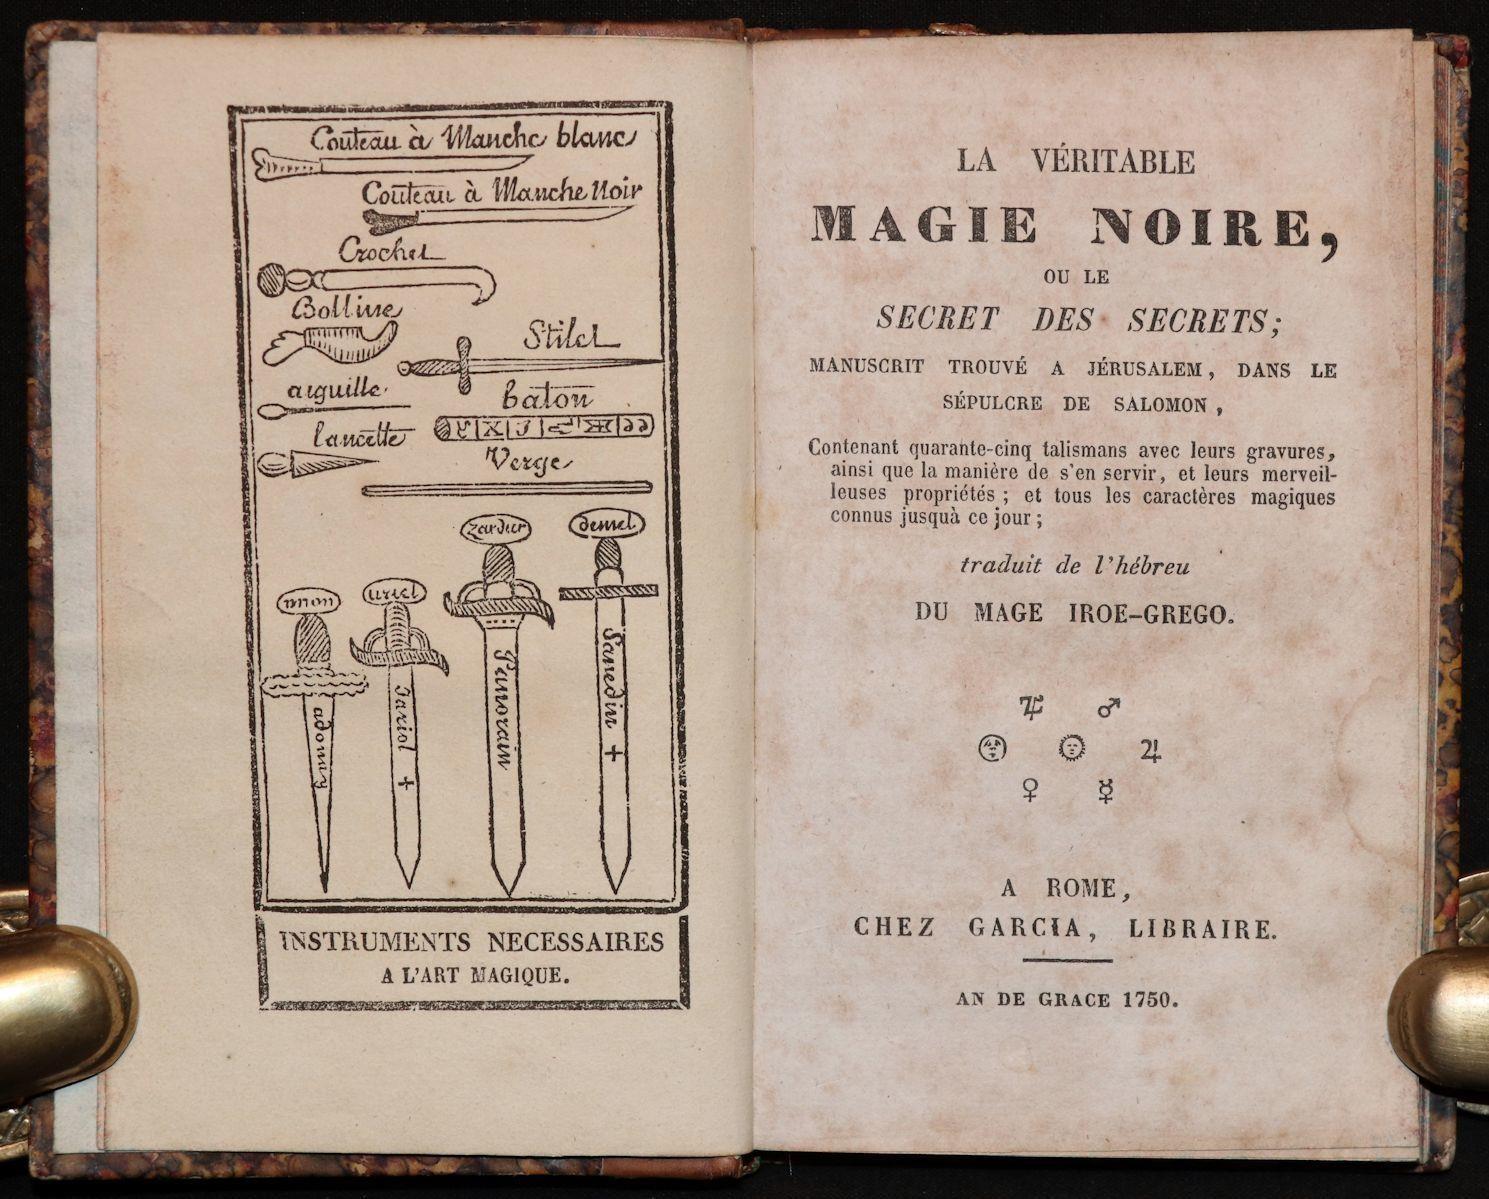 [Magic, Grimoire]  Magie Noire, Secret des Secrets